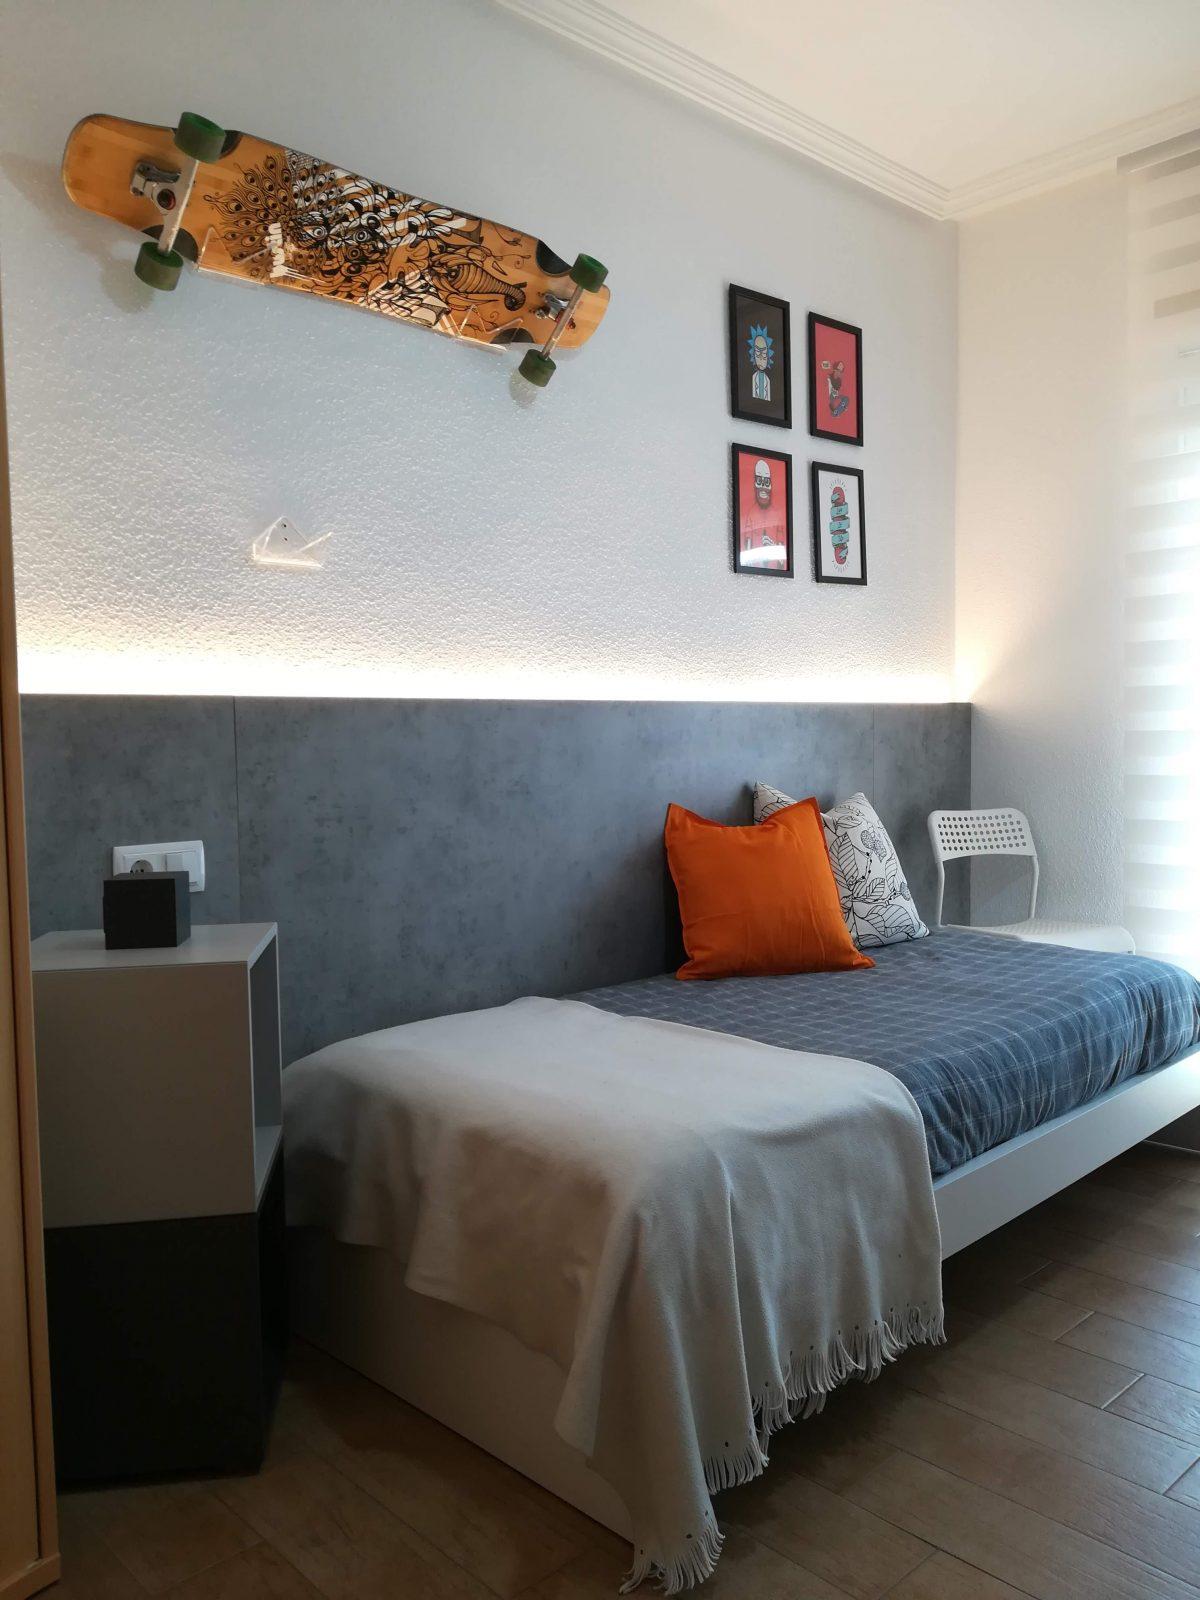 Dormitorio juvenil. Distribución y decoración.